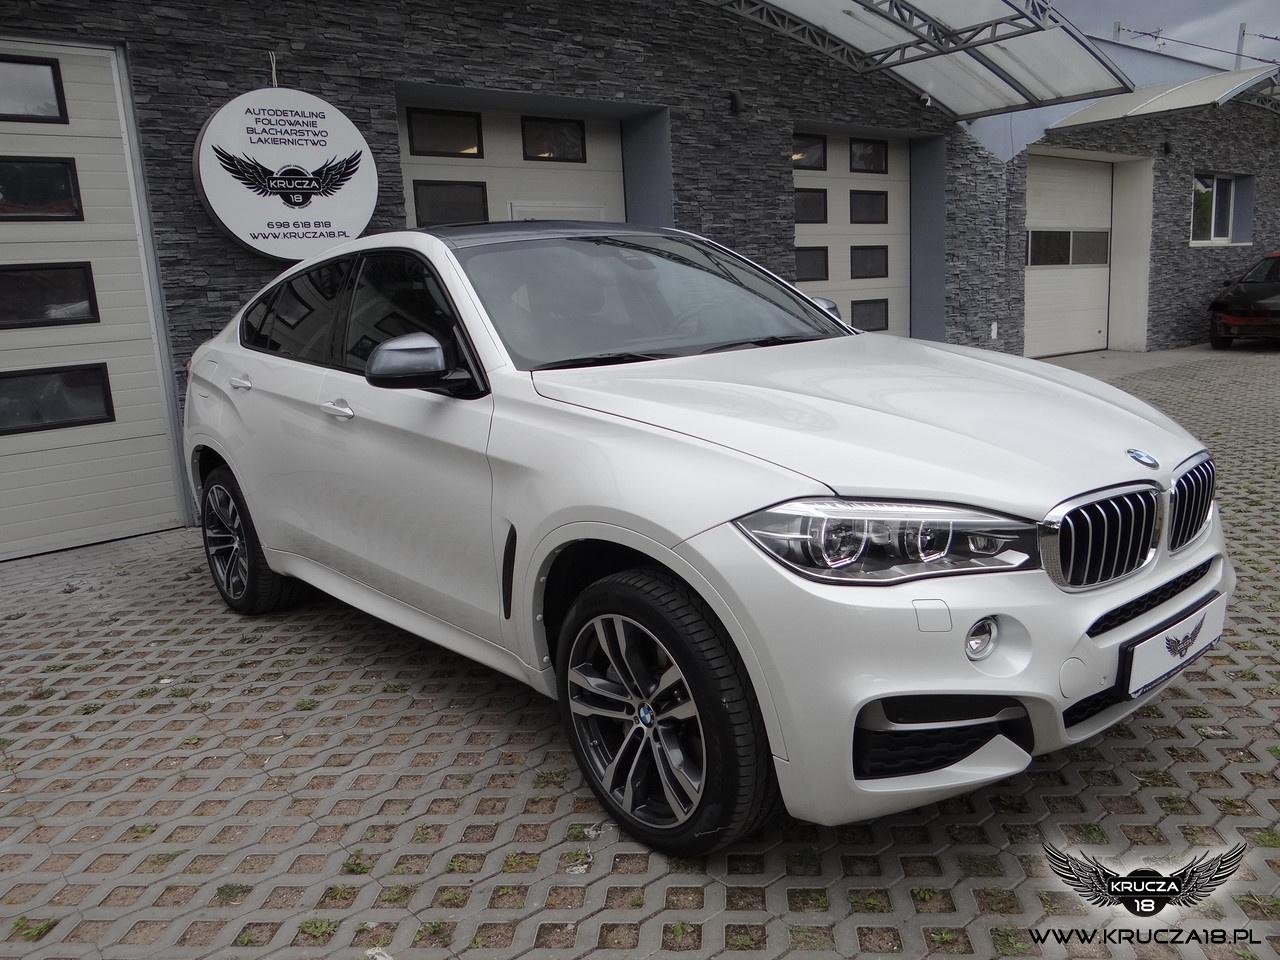 BMW X6 M : zabezpieczenie lakieru bezbarwną folią Premium Shield : Gunsteel Pearl : Krucza18 : Osielsko/k.Bydgoszczy